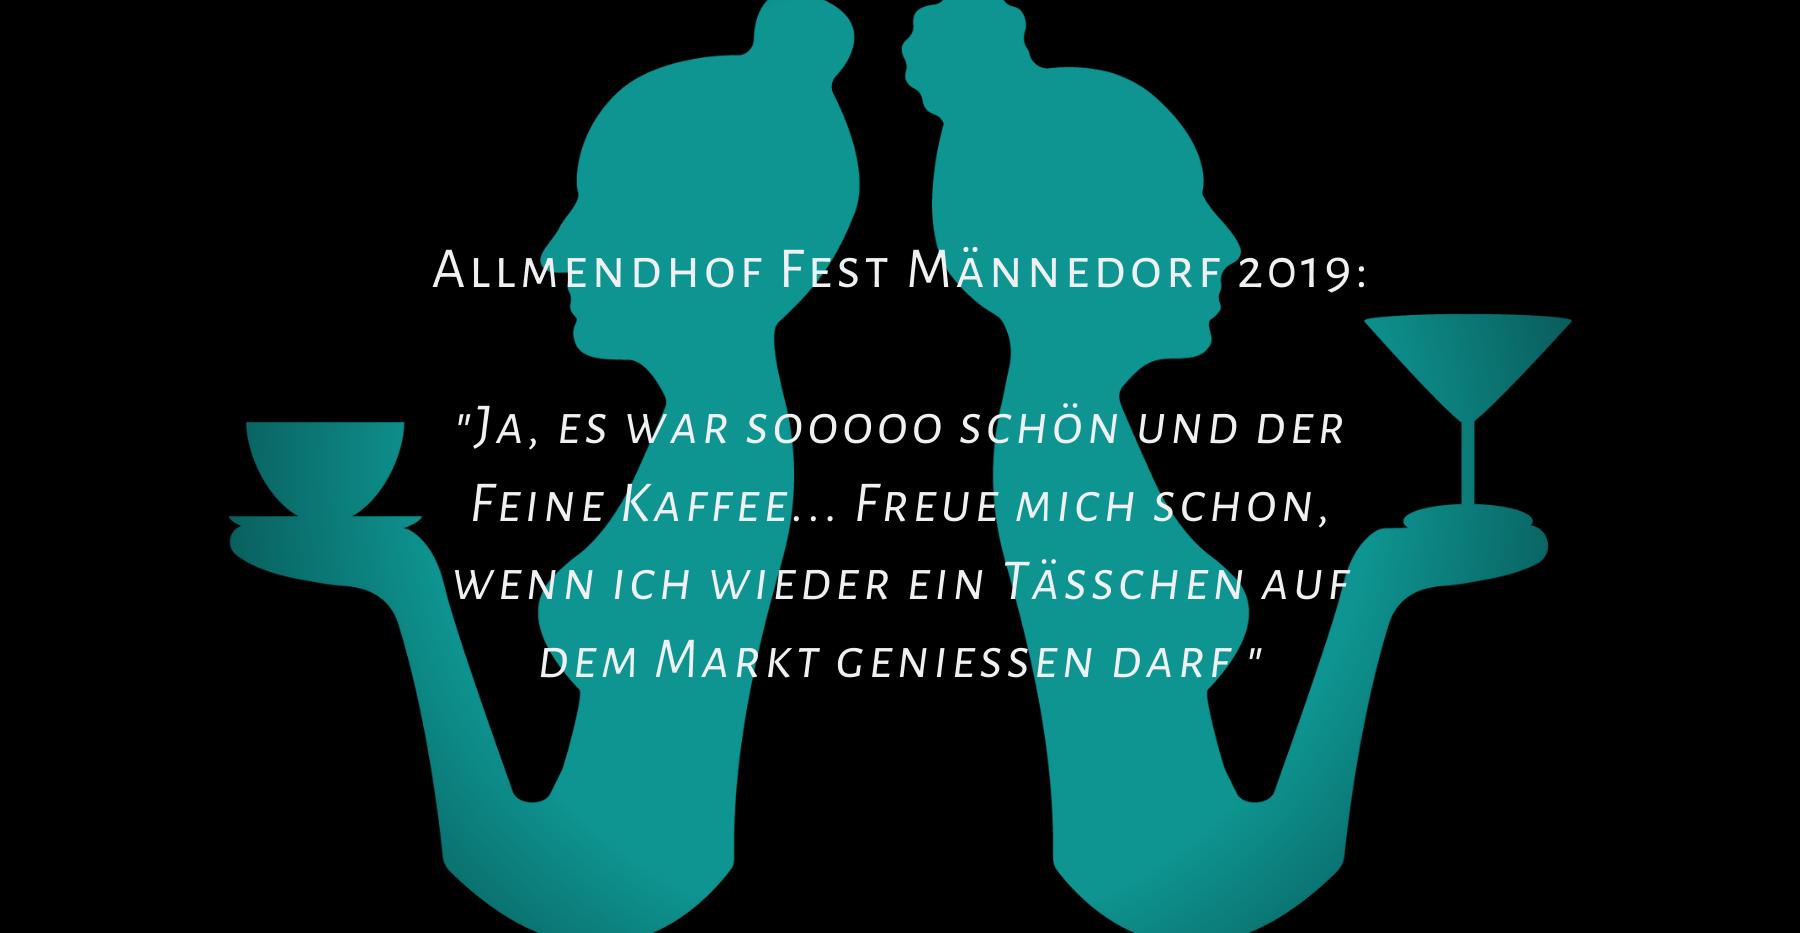 Allmendhof Fest